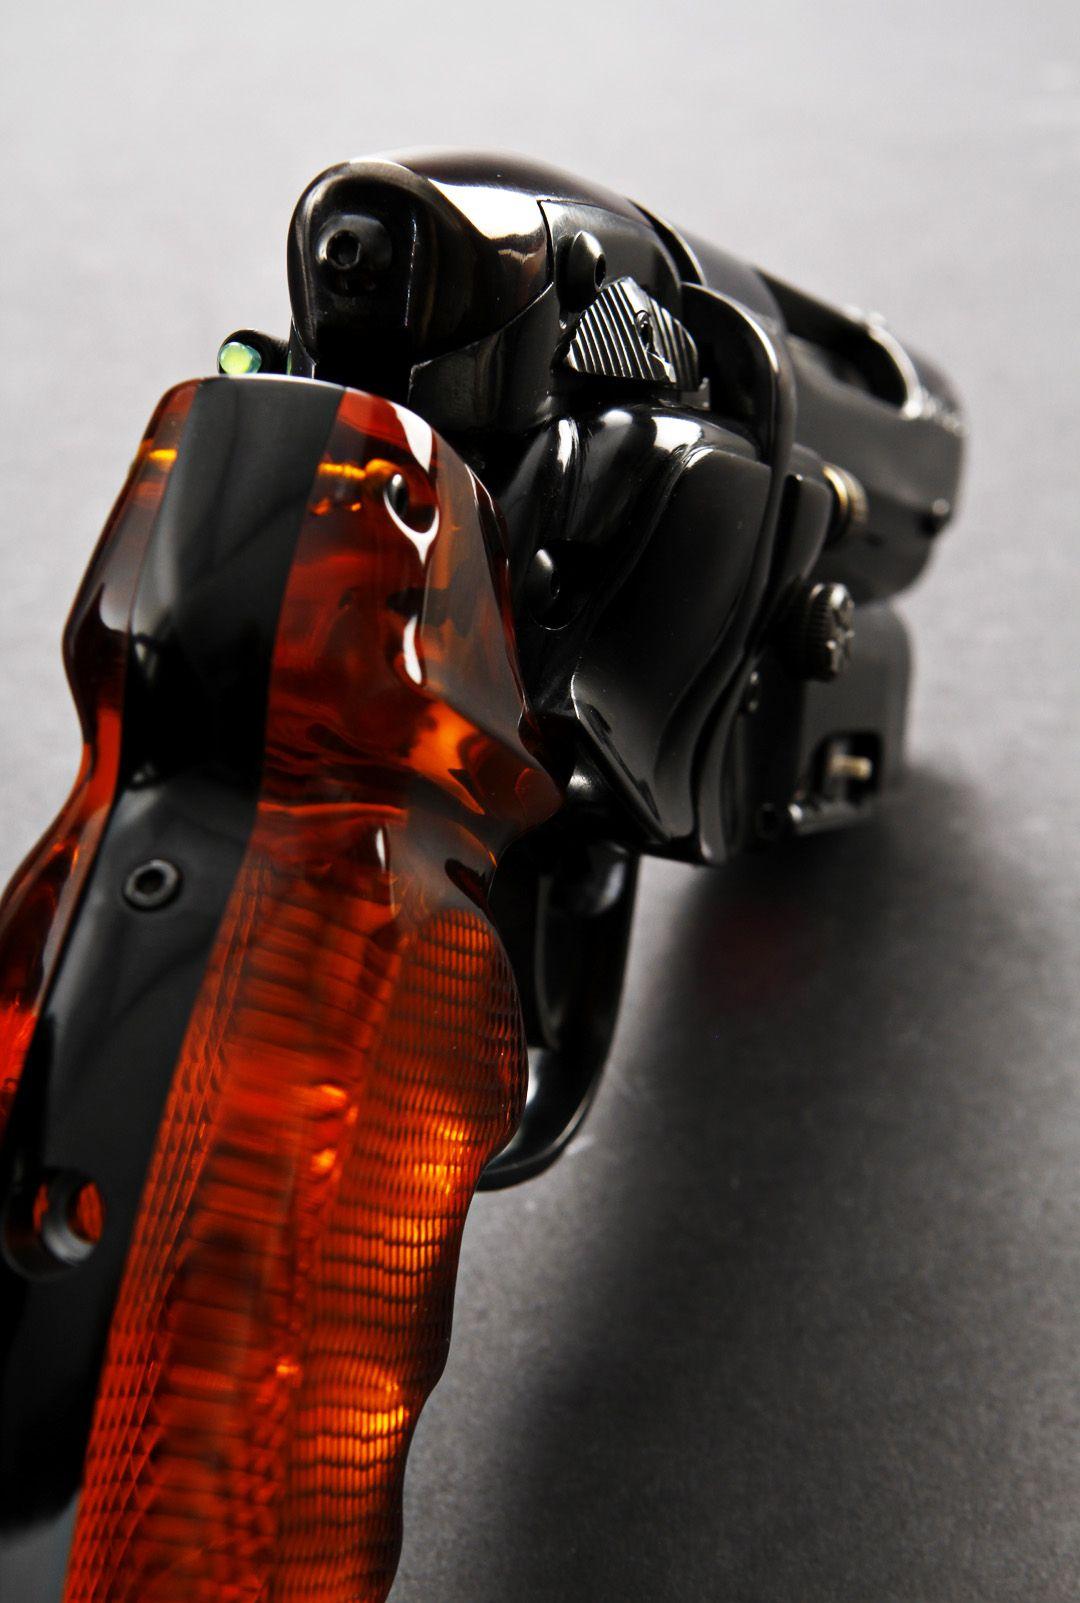 new-blade-runner-hero-blaster-build-ryan_cbladerunner_replica_pistol_7.jpg-104855d1343159605 (1080×1603)